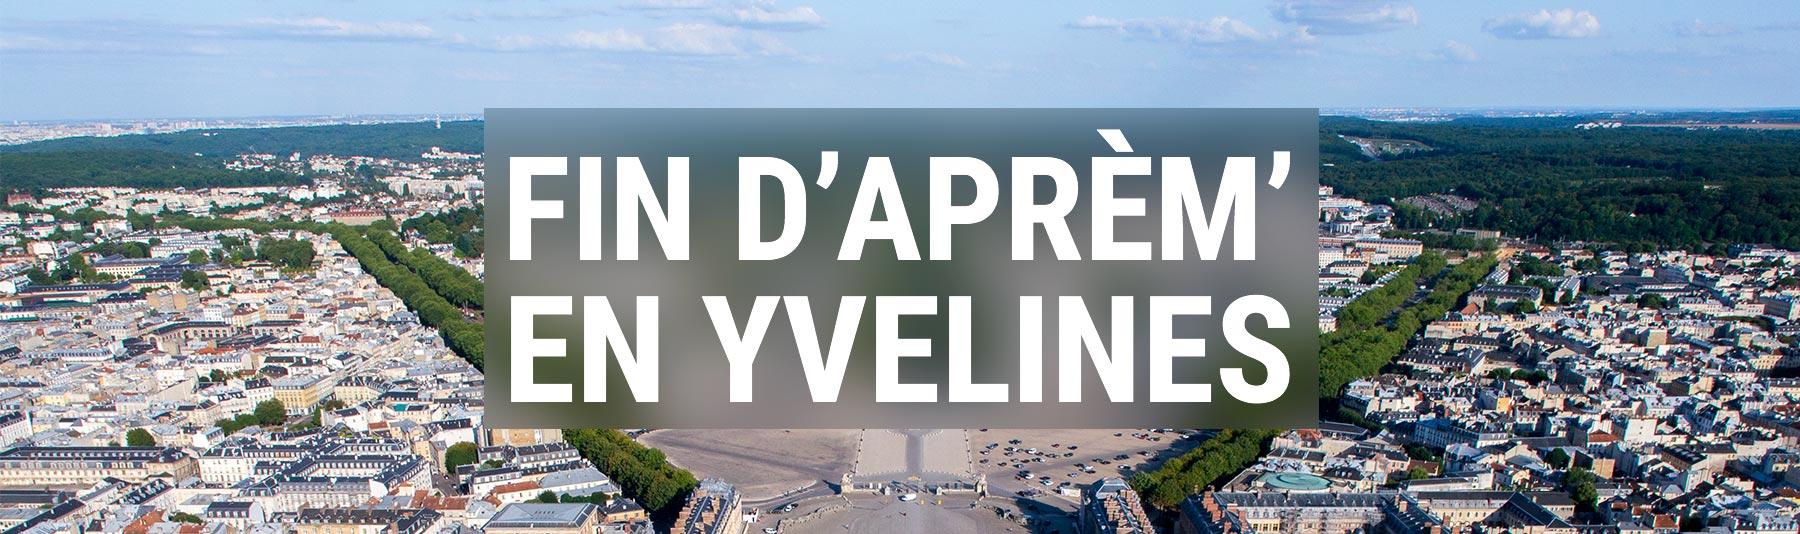 Fin d'Aprem' en Yvelines